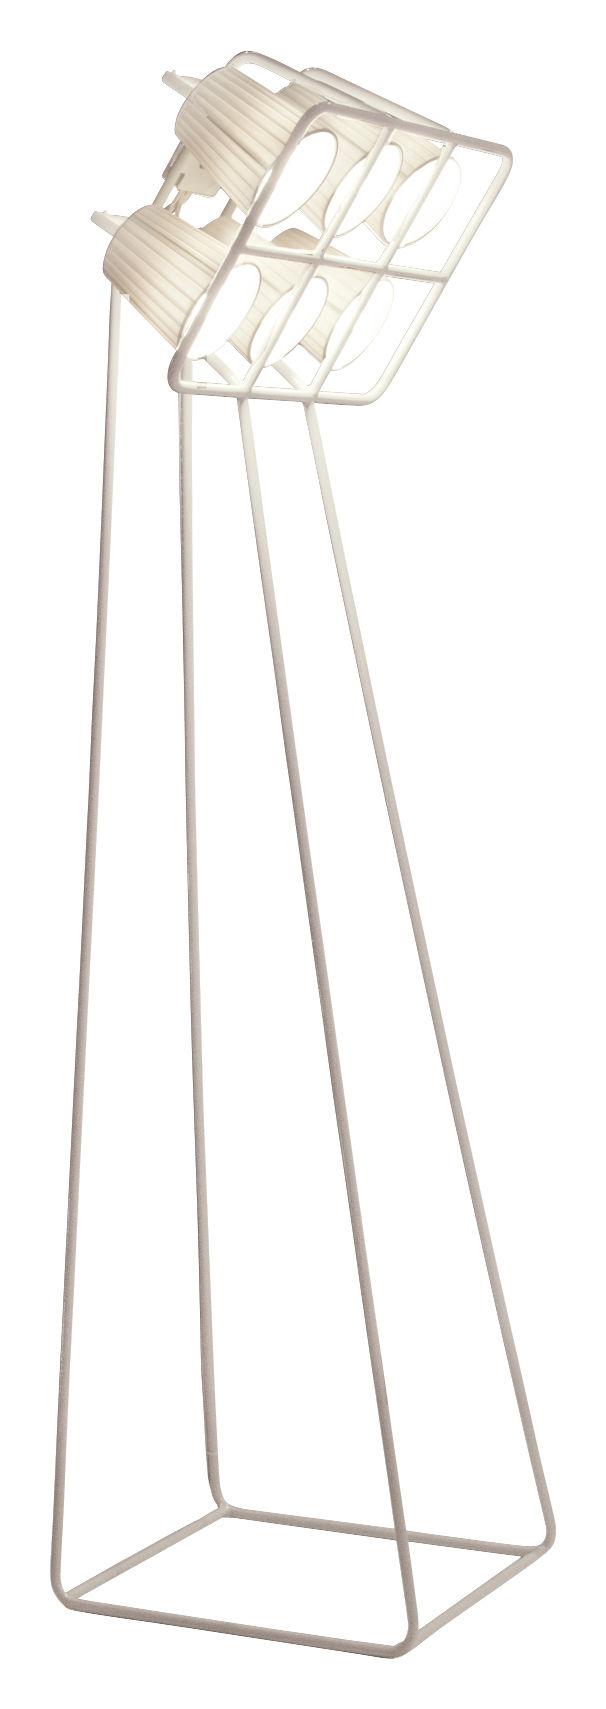 Leuchten - Stehleuchten - Multilamp Stehleuchte / H 180 cm - Seletti - Weiß - bemaltes Metall, Gewebe